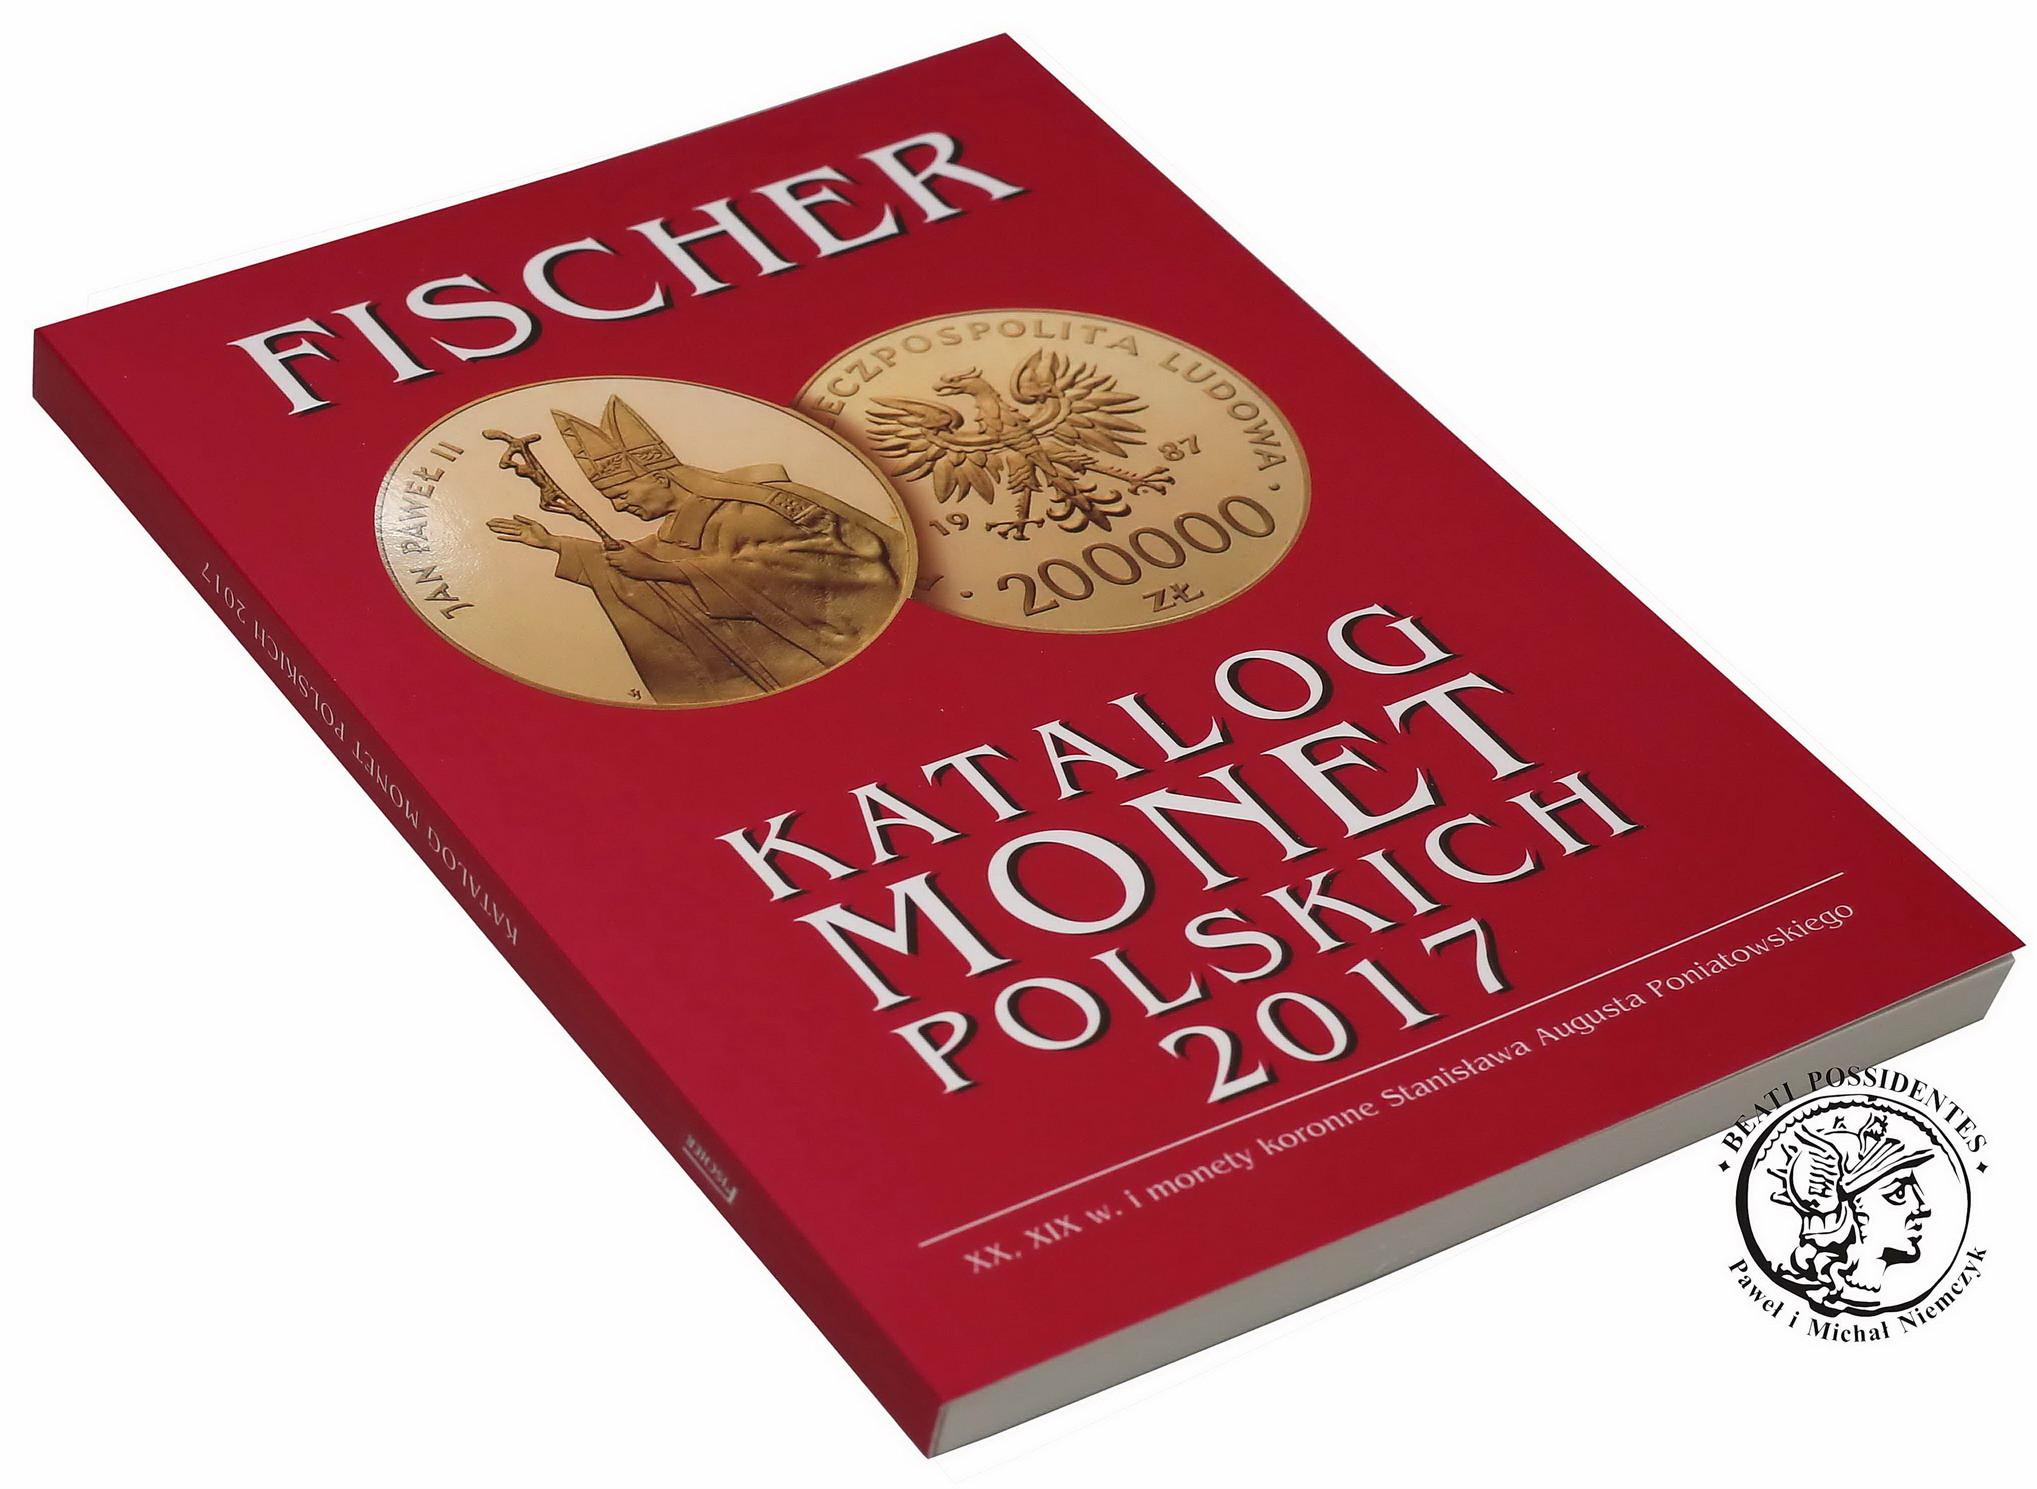 FISCHER 2017 - KATALOG MONET POLSKICH